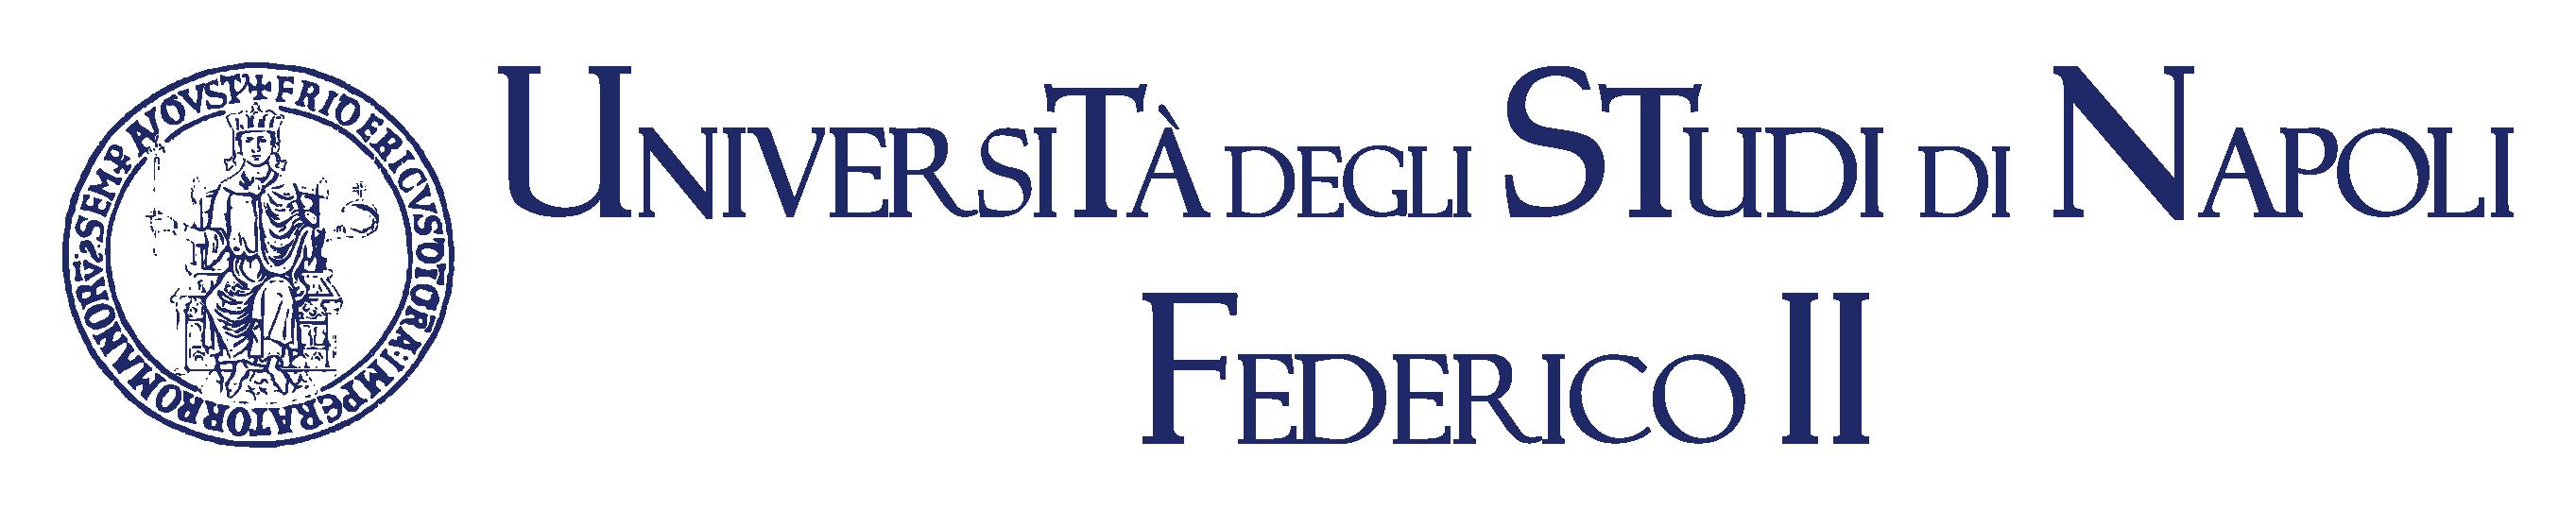 stemma_e_scritta_federicoii_vettoriale_2